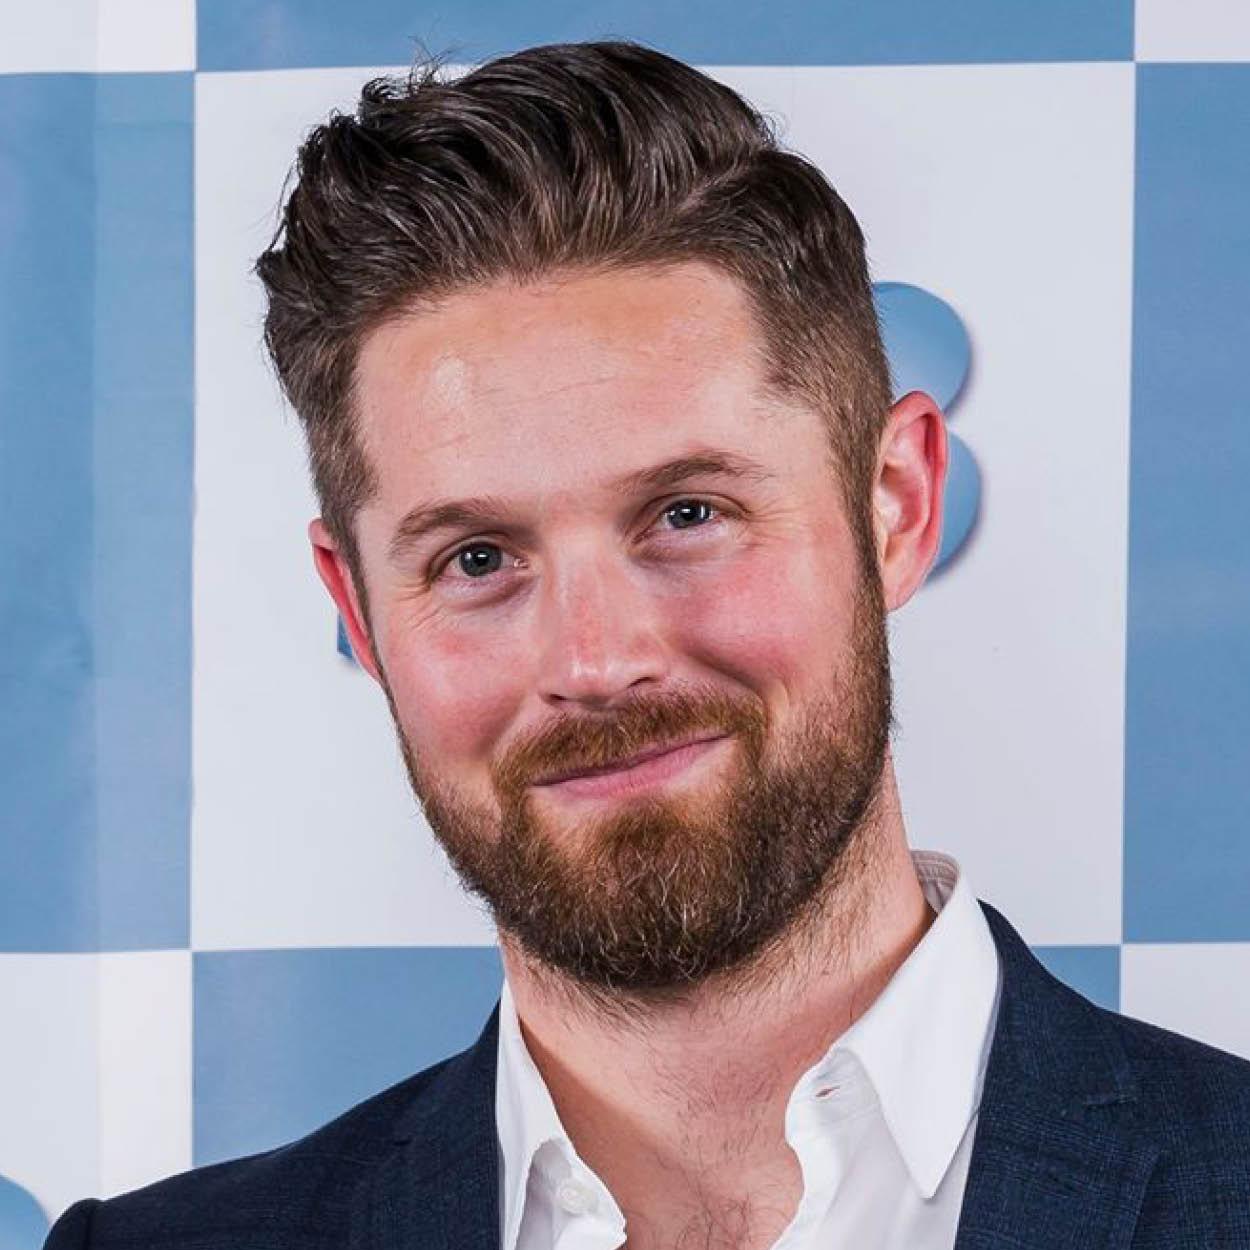 Andreas Hjellegjerde i A Marketing Company